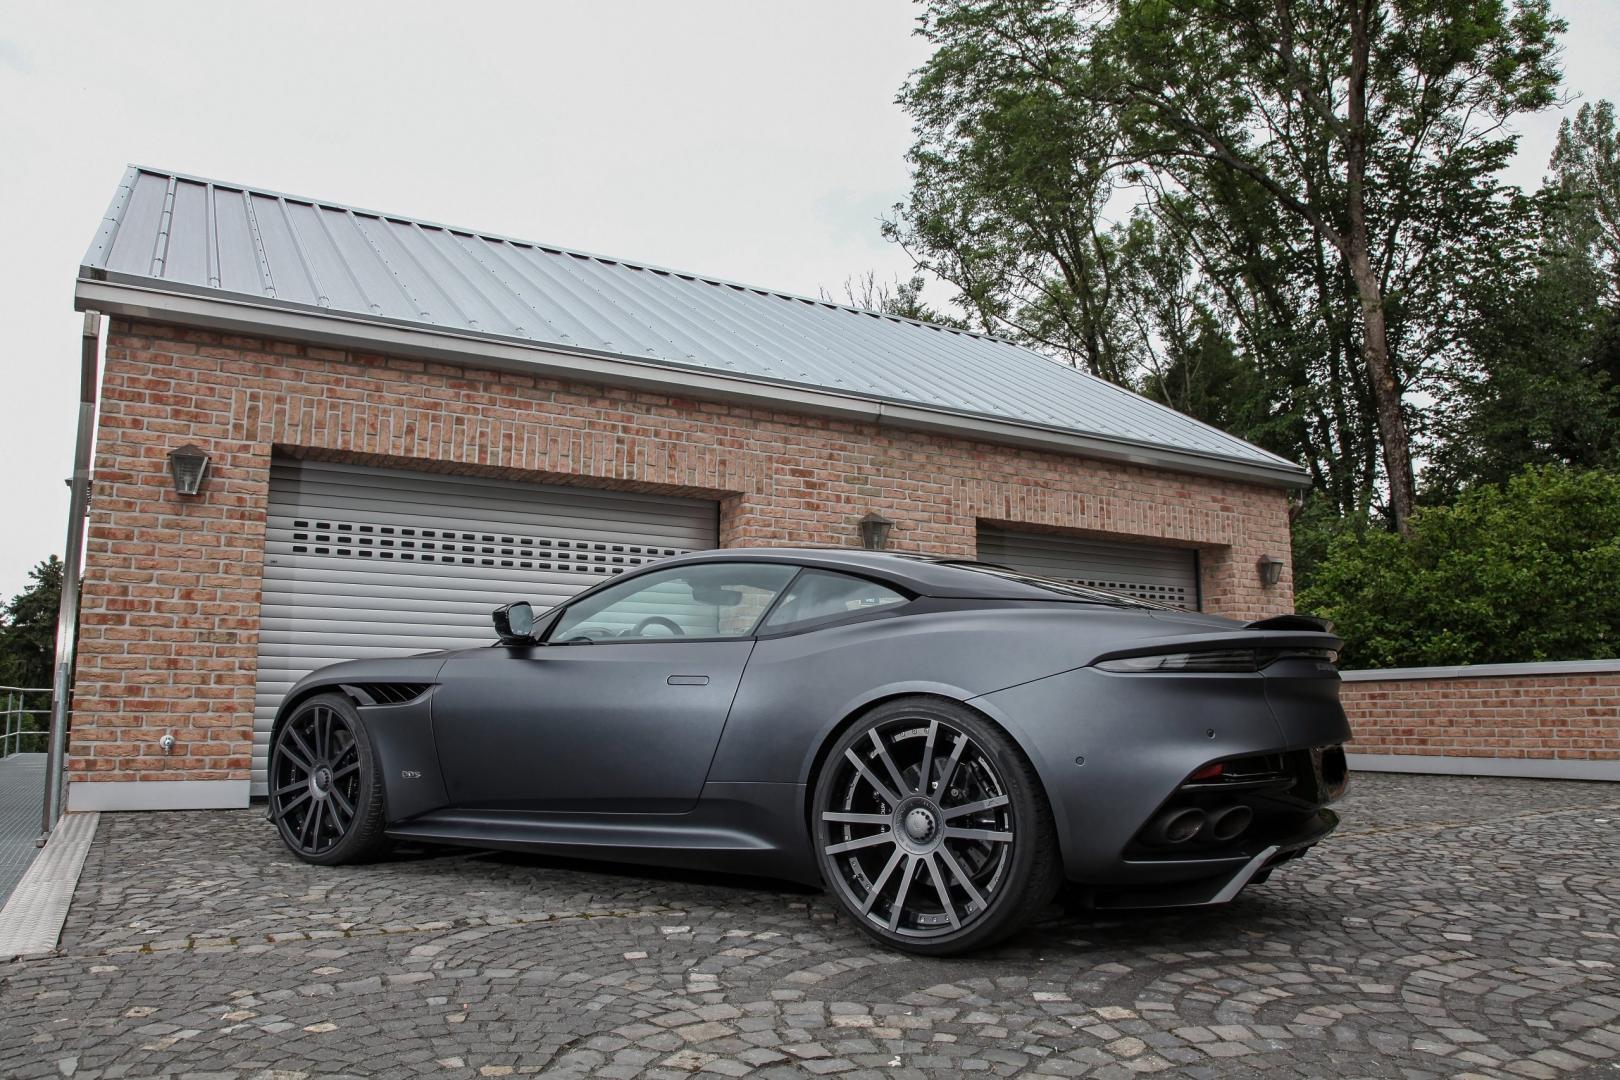 Wheelsandmore Aston Martin DBS Superleggera voor garage schuin achter